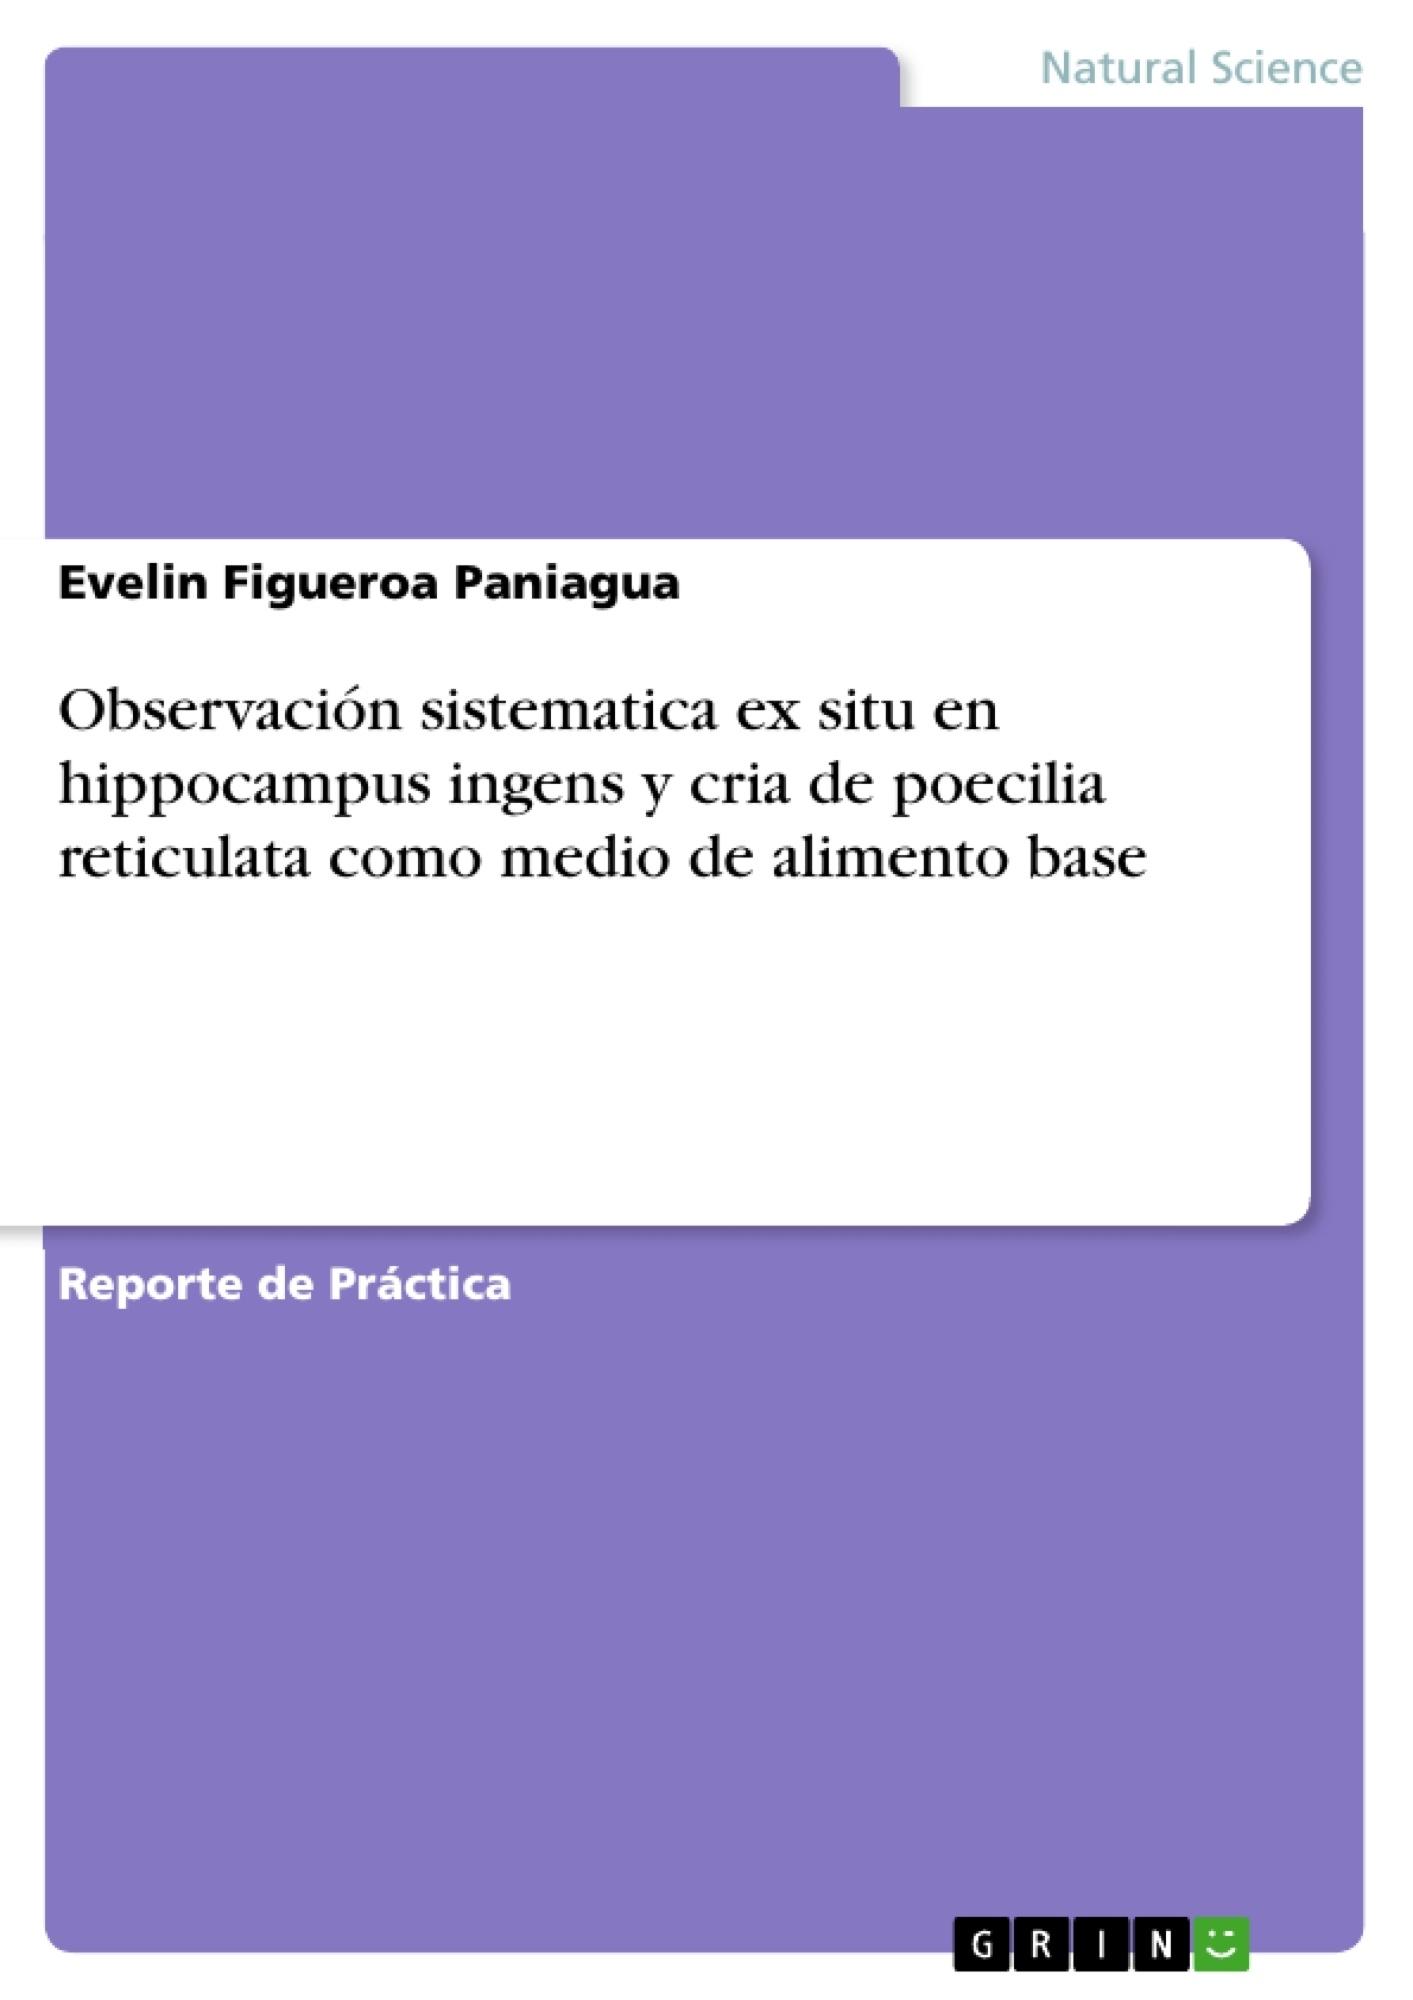 Título: Observación sistematica ex situ en hippocampus ingens y cria de poecilia reticulata como medio de alimento base